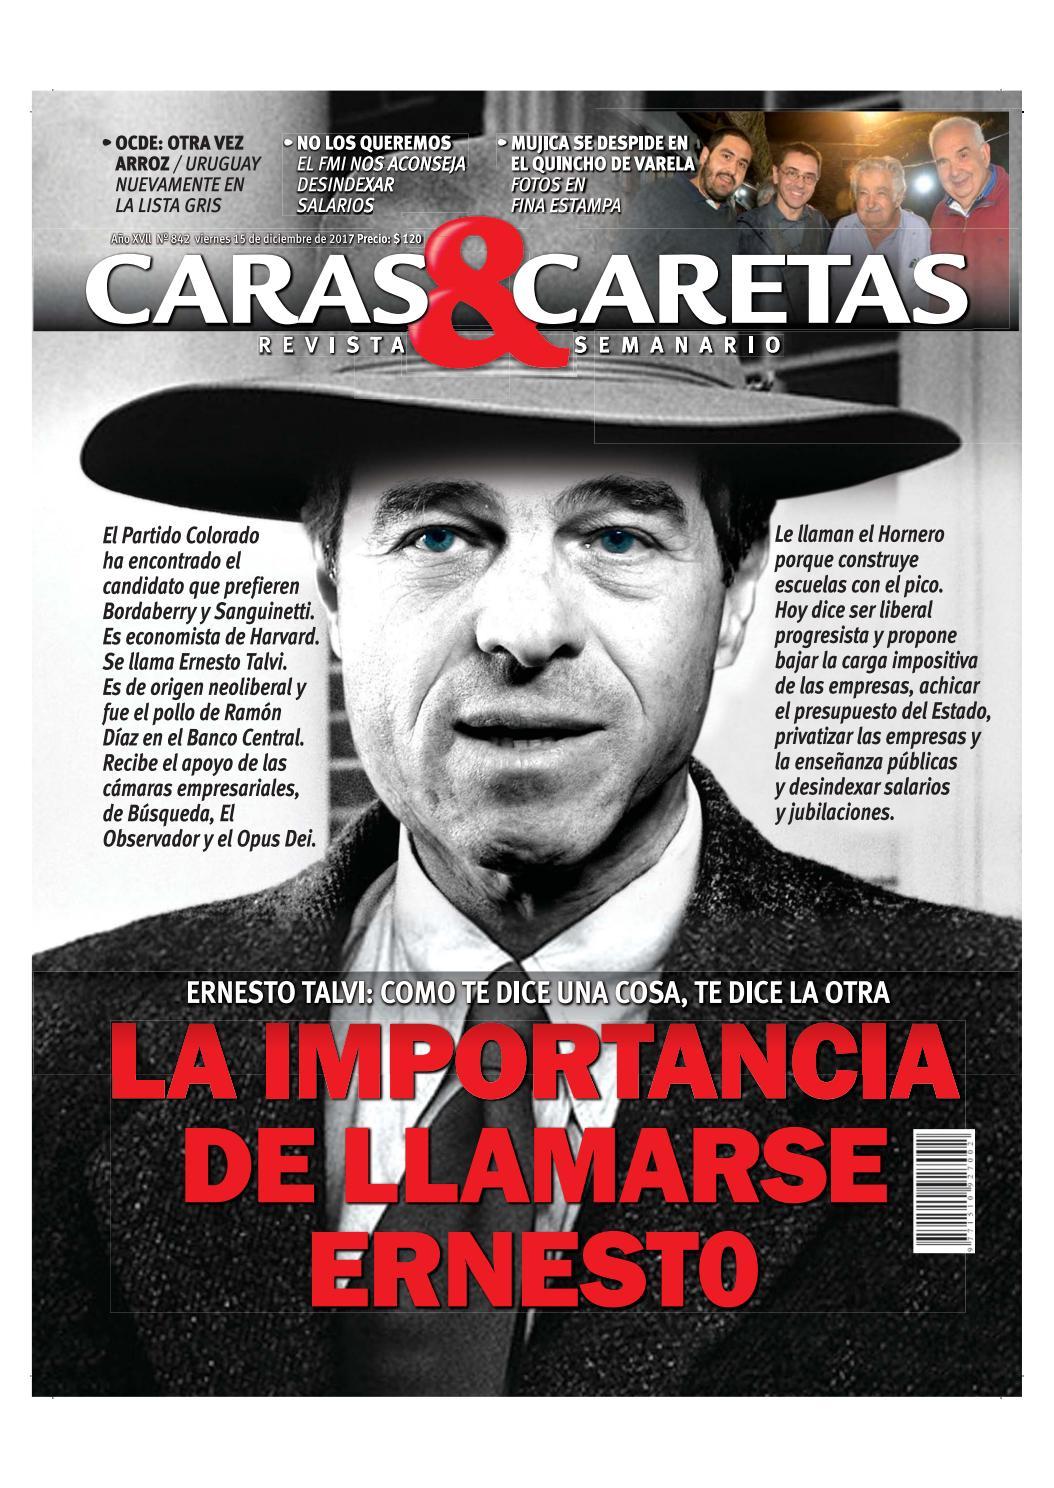 2d224ee5514 Caras y Caretas 842 by Caras y Caretas - issuu